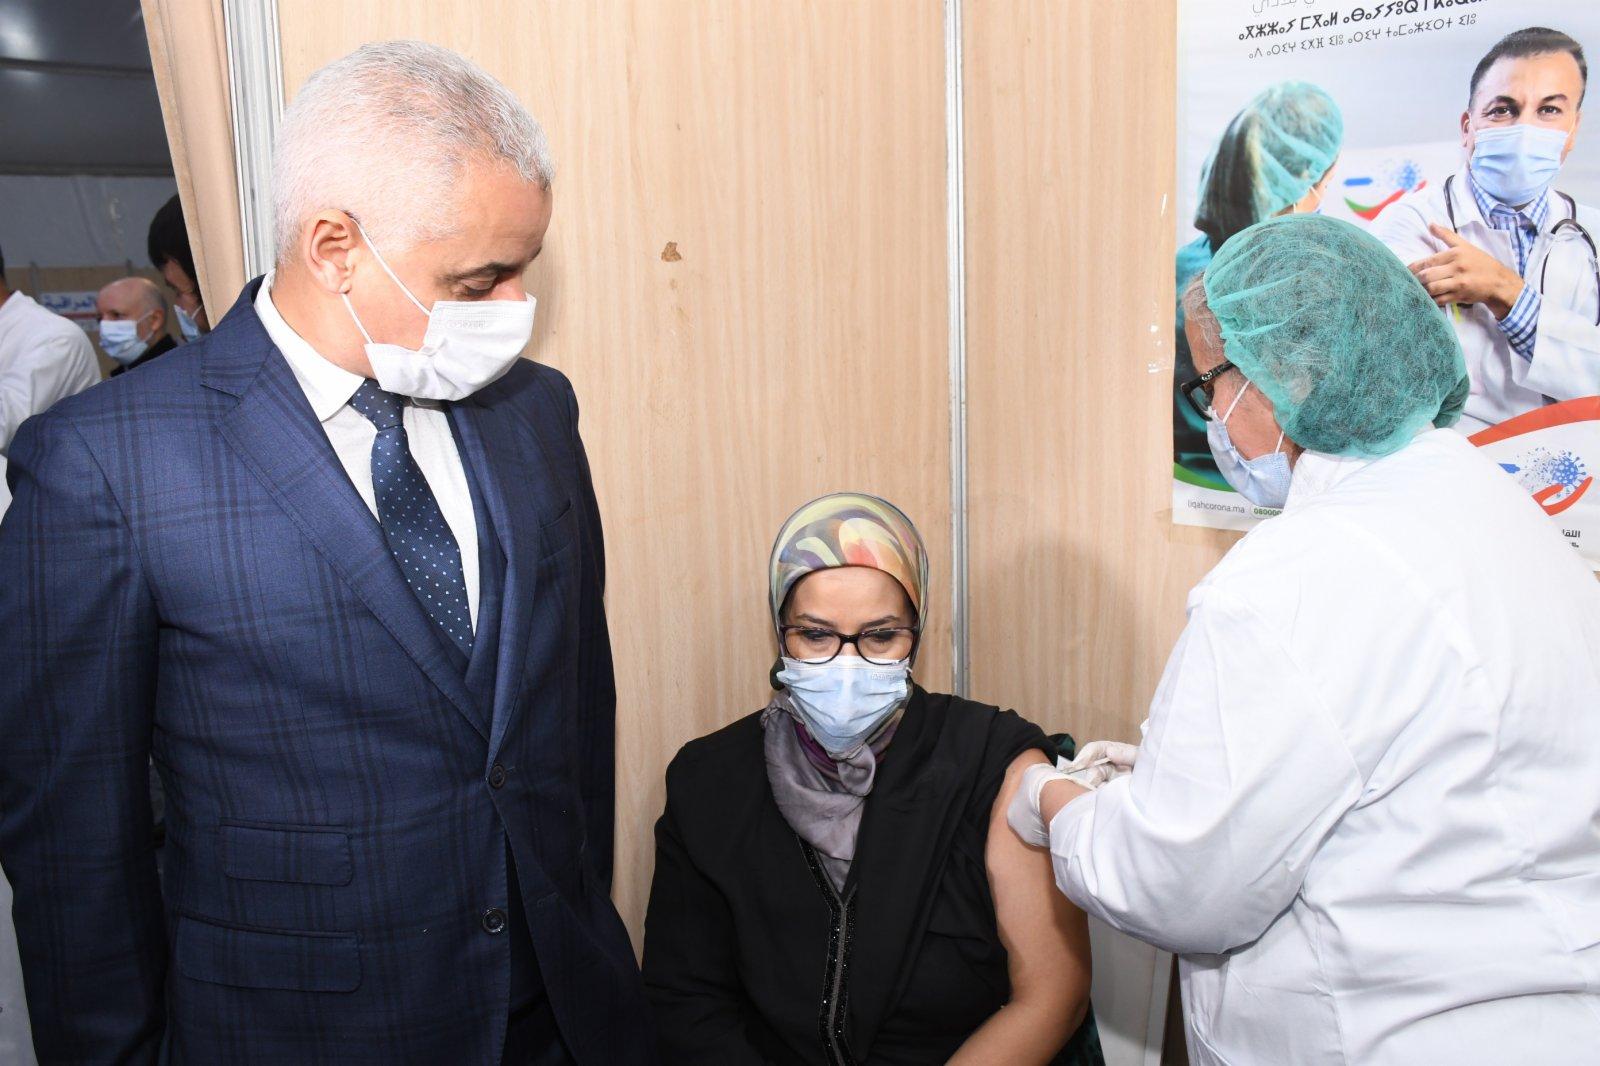 1月29日,摩洛哥衞生大臣哈立德·阿伊特·塔利布(左)視察拉巴特一家醫院,見證一名醫務人員接種中國國藥集團的新冠滅活疫苗。